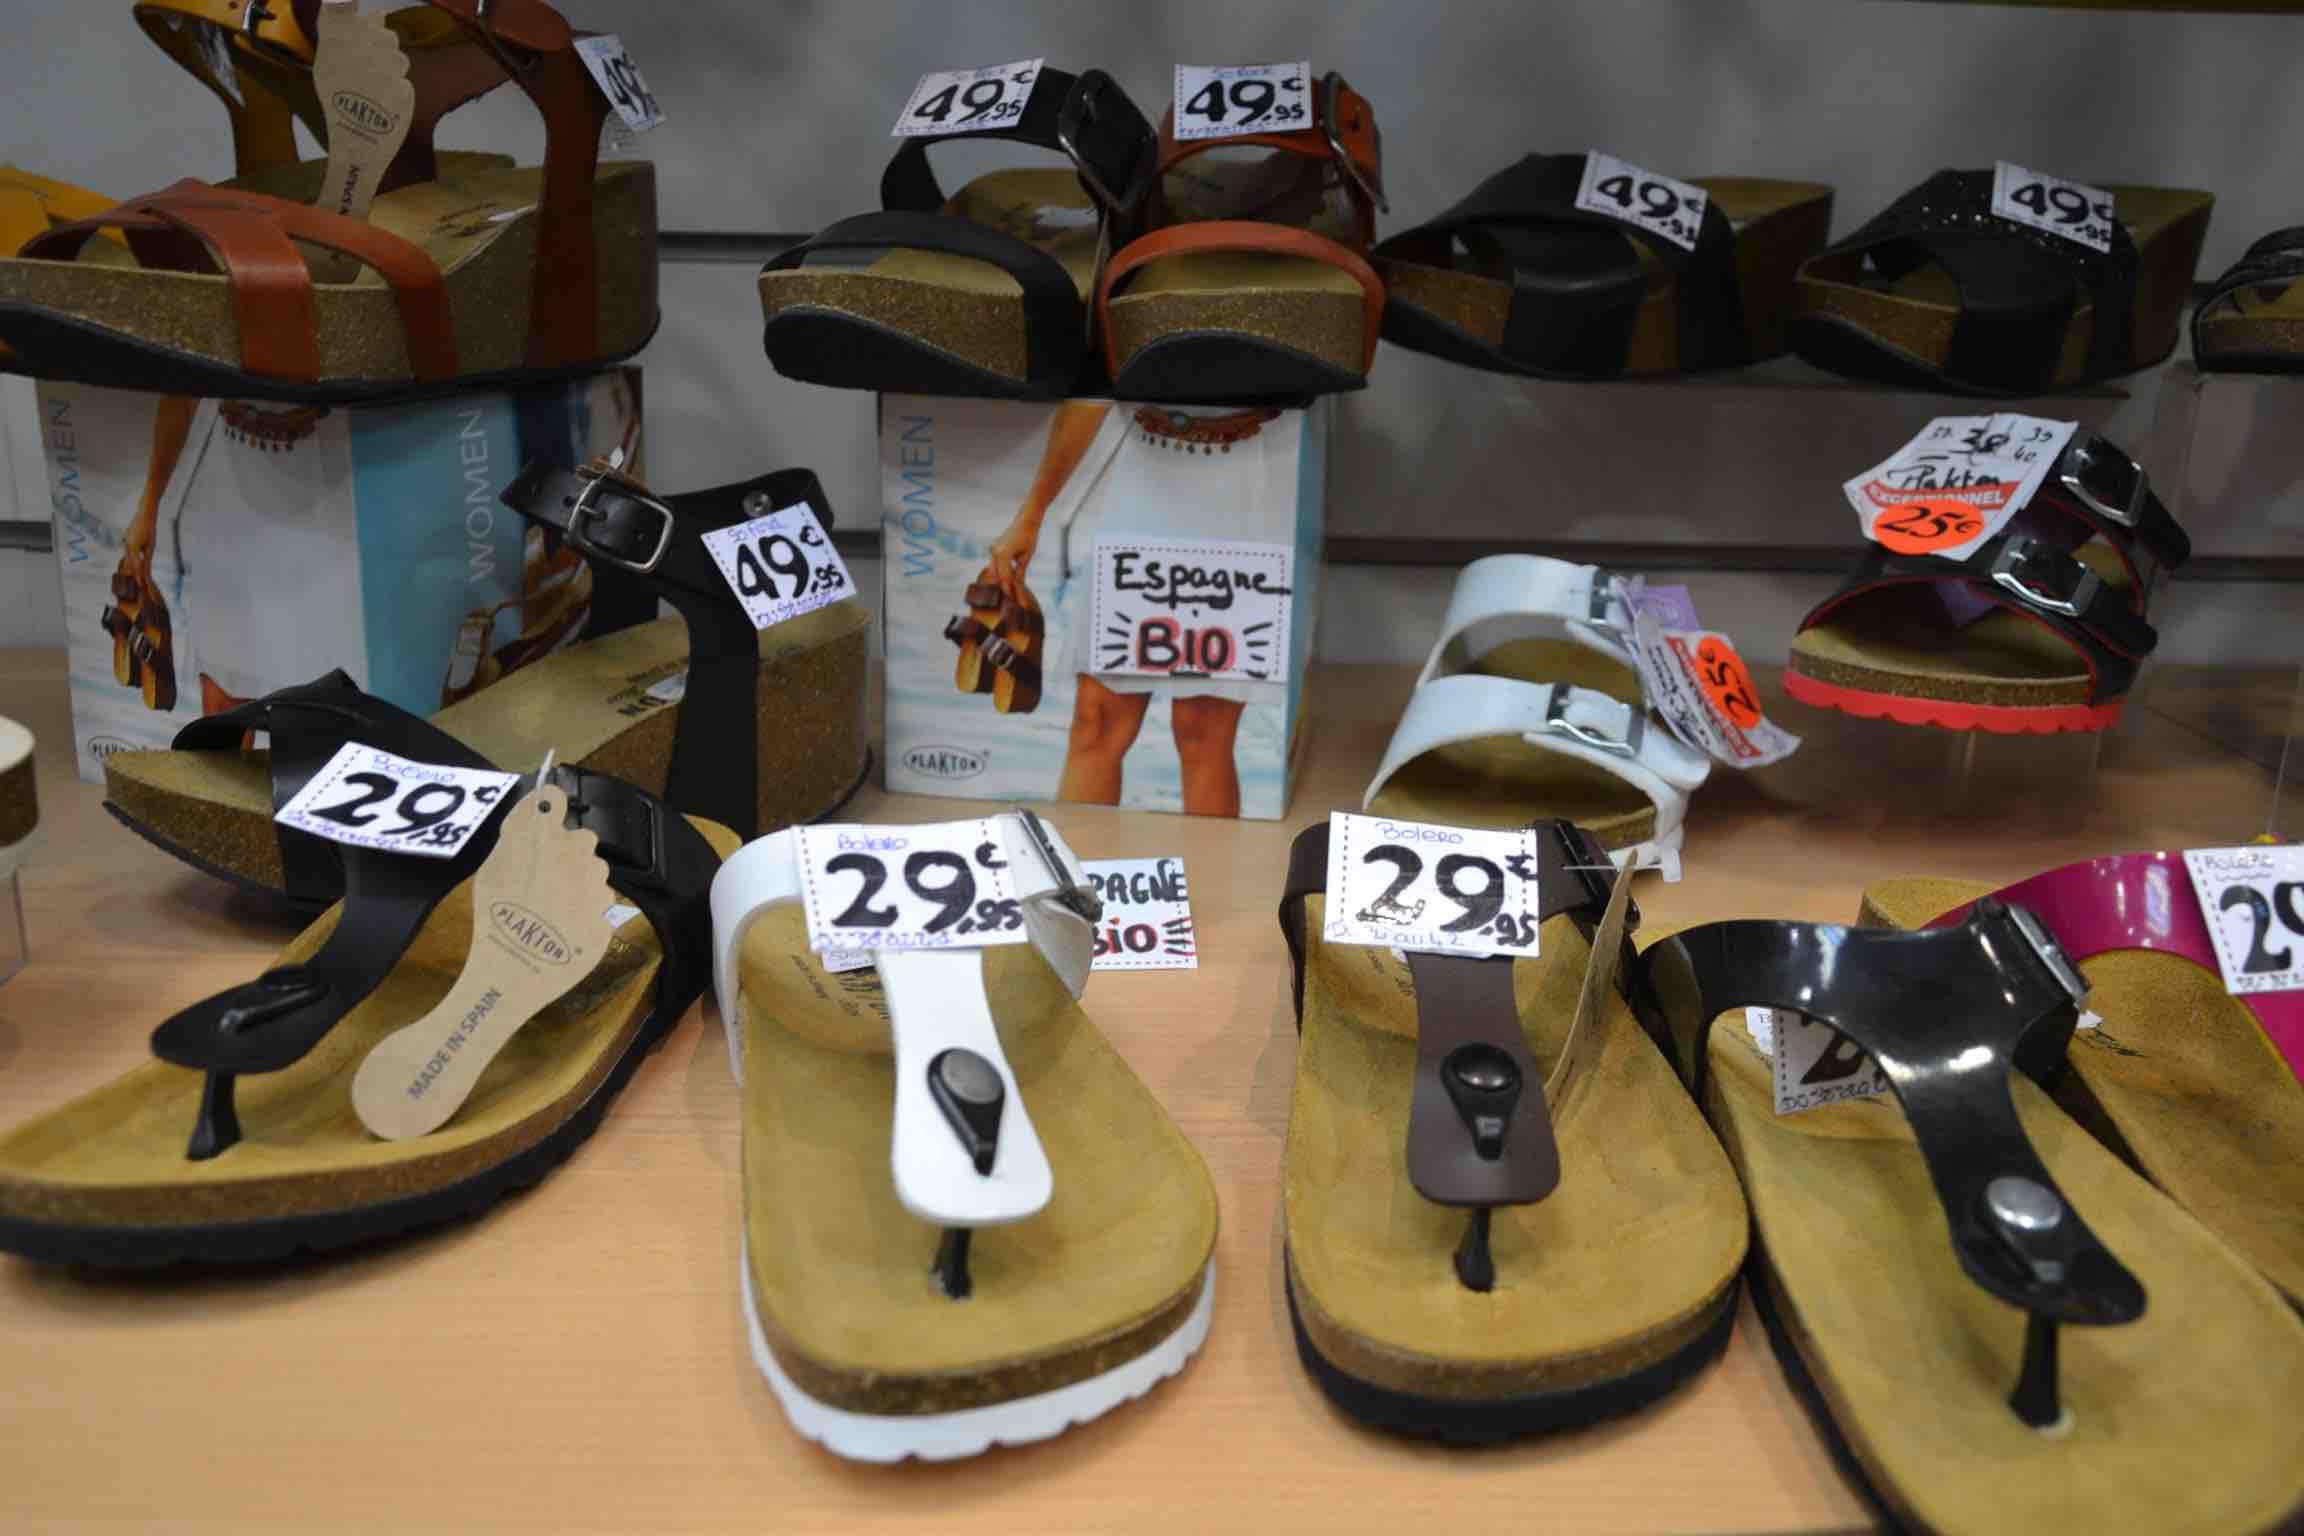 Chaussures Lucky Boutique de chaussures Paris 17